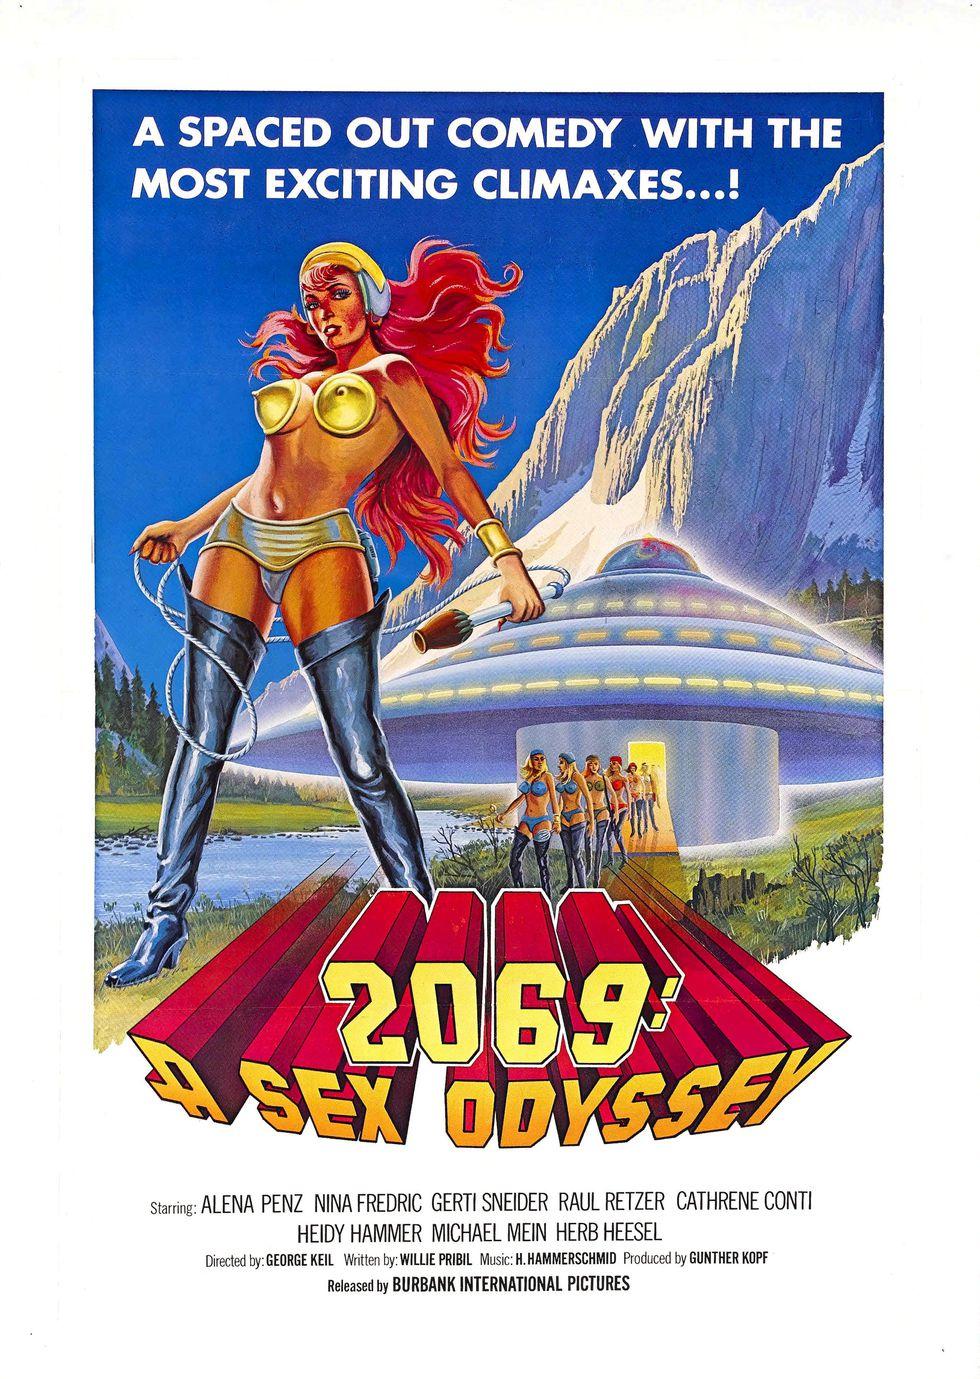 Ilustrowany plakat promujacy film porno w klimacie SCI-Fi 2069 A Sex Odyssey